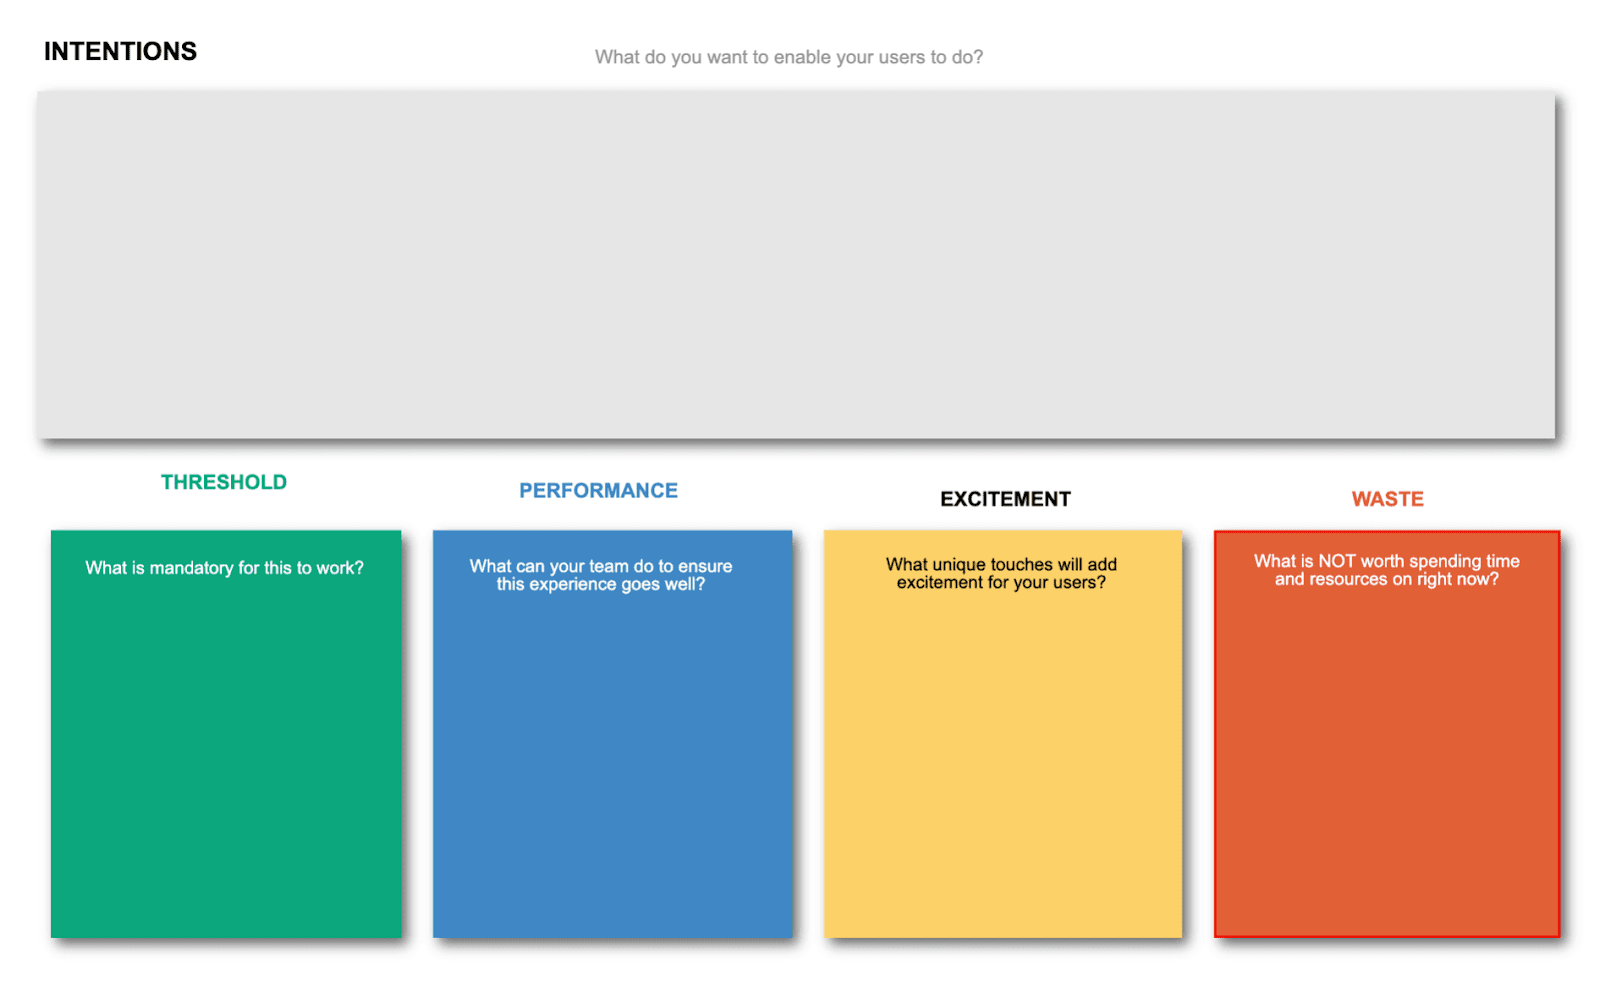 Fresco's Consumer Intentions Diagram